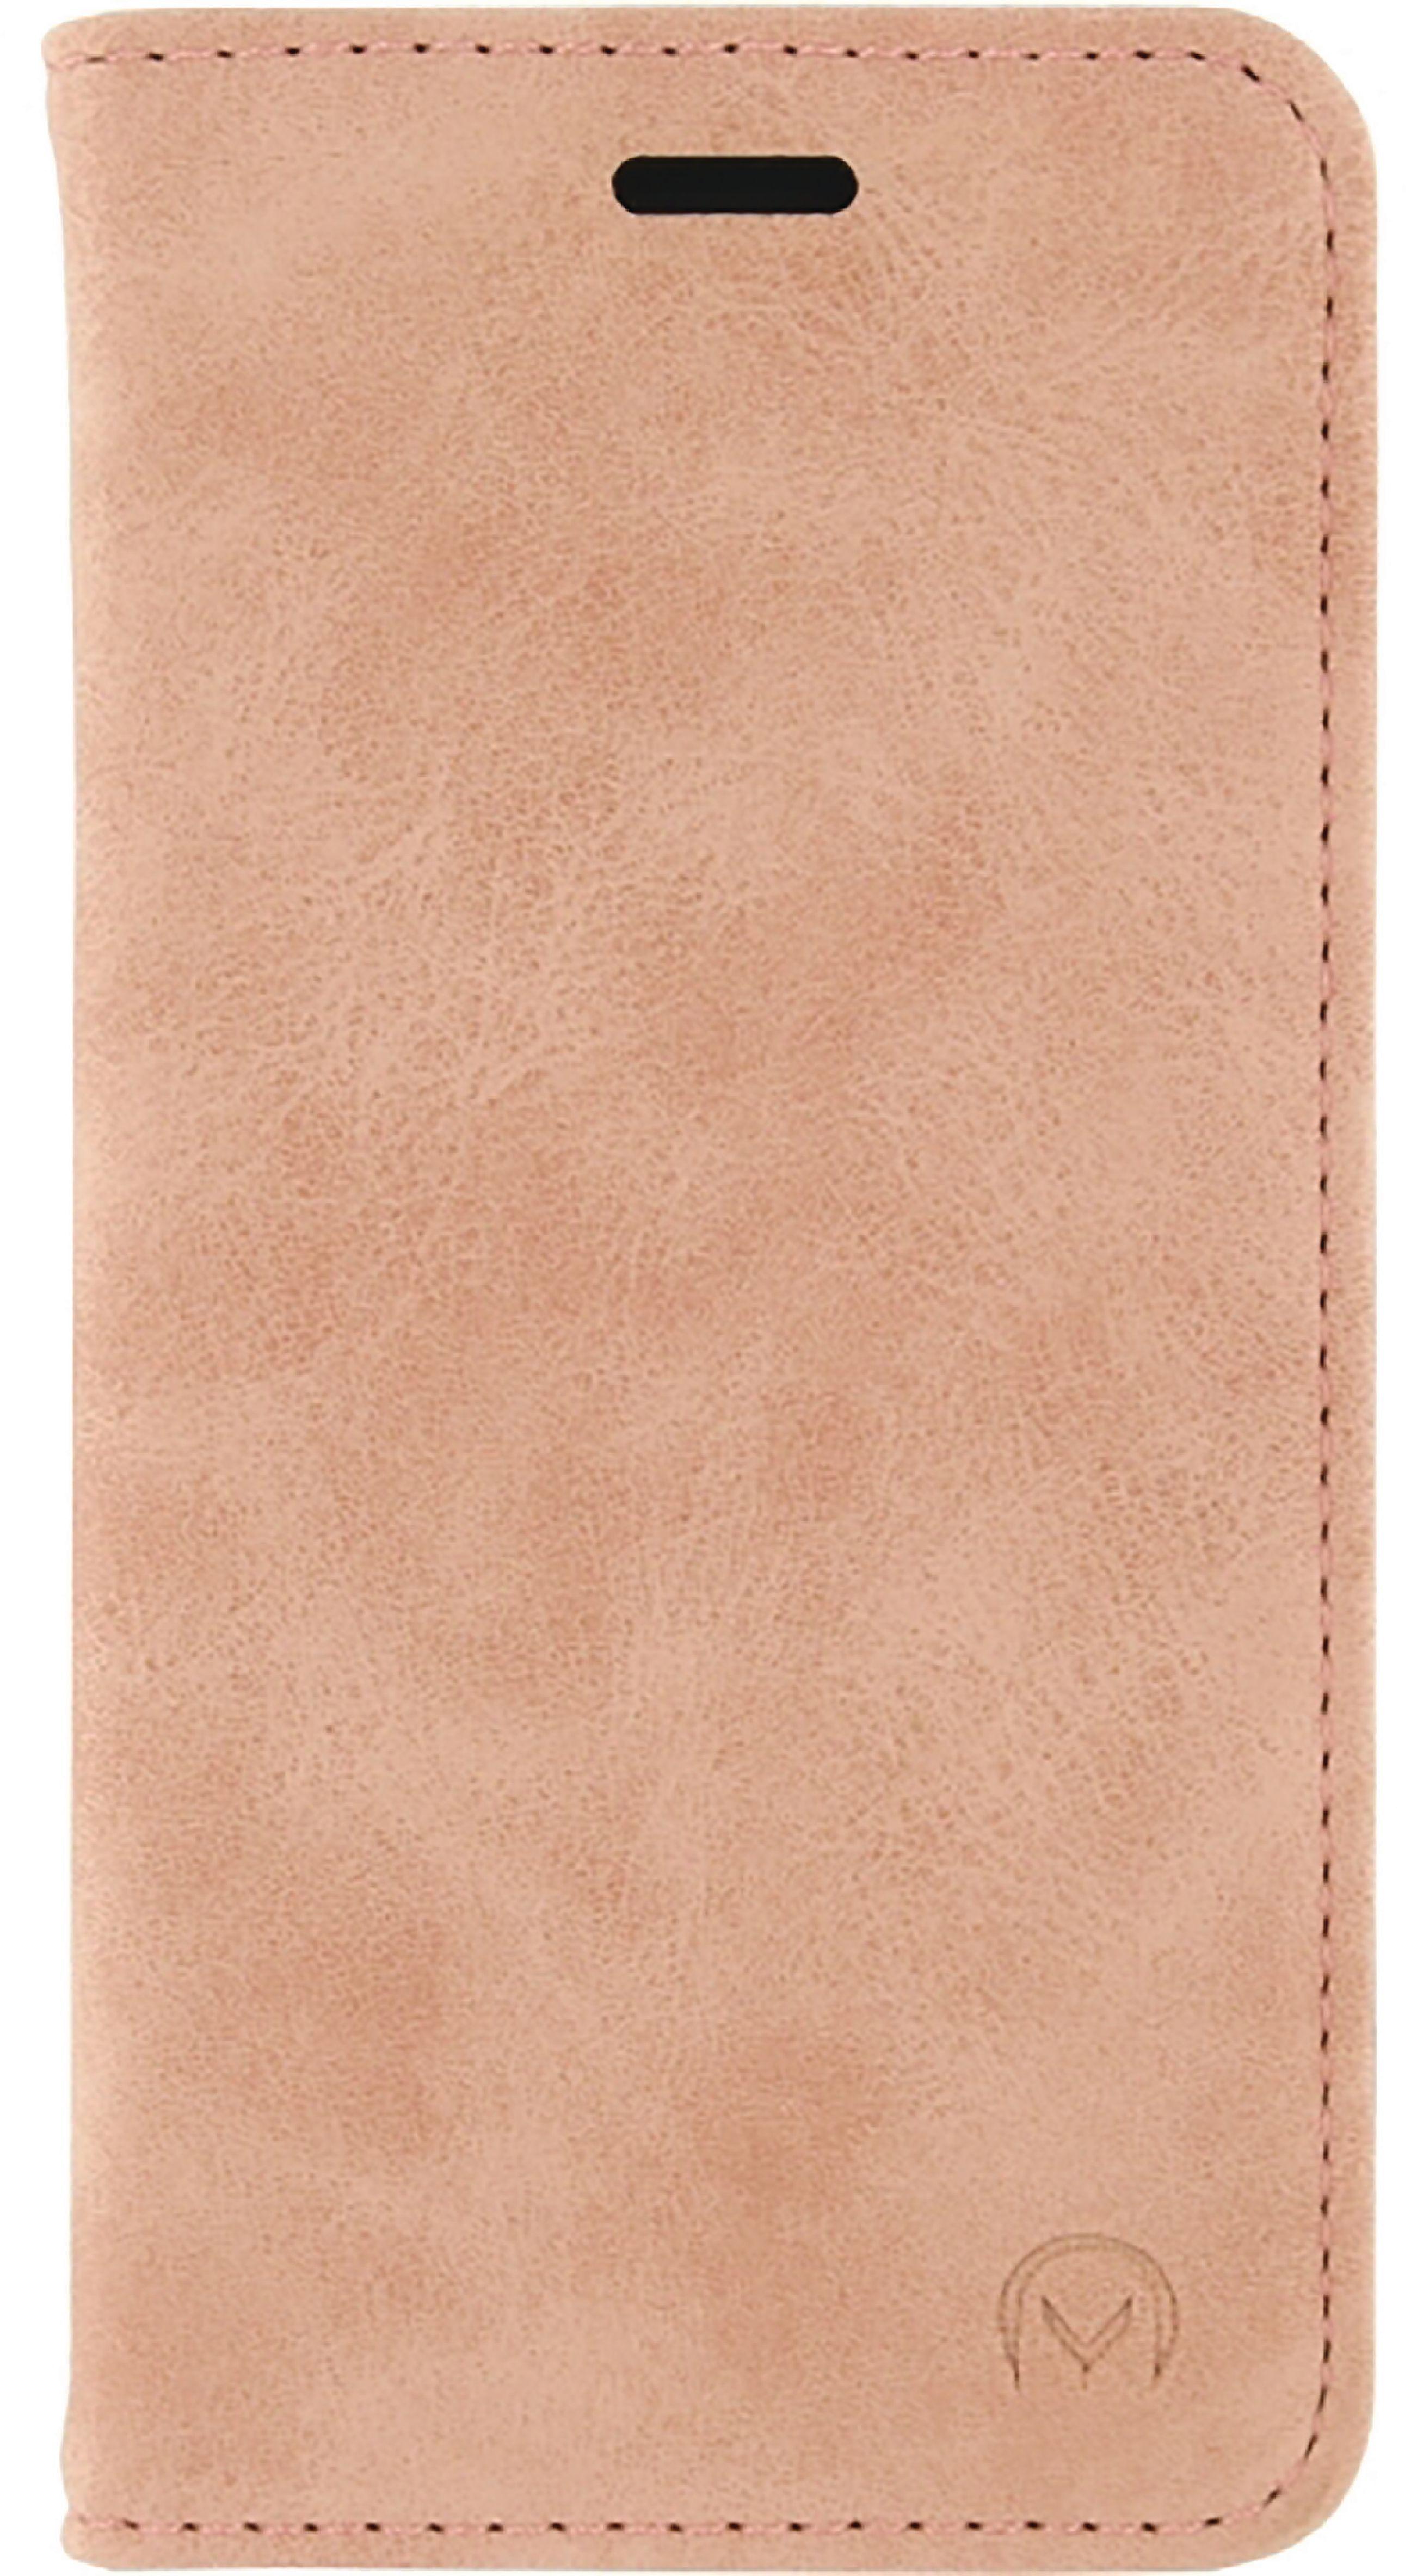 Image of   Telefon Premium Bogetui med Magnet Apple iPhone 5 / 5s / SE Pink